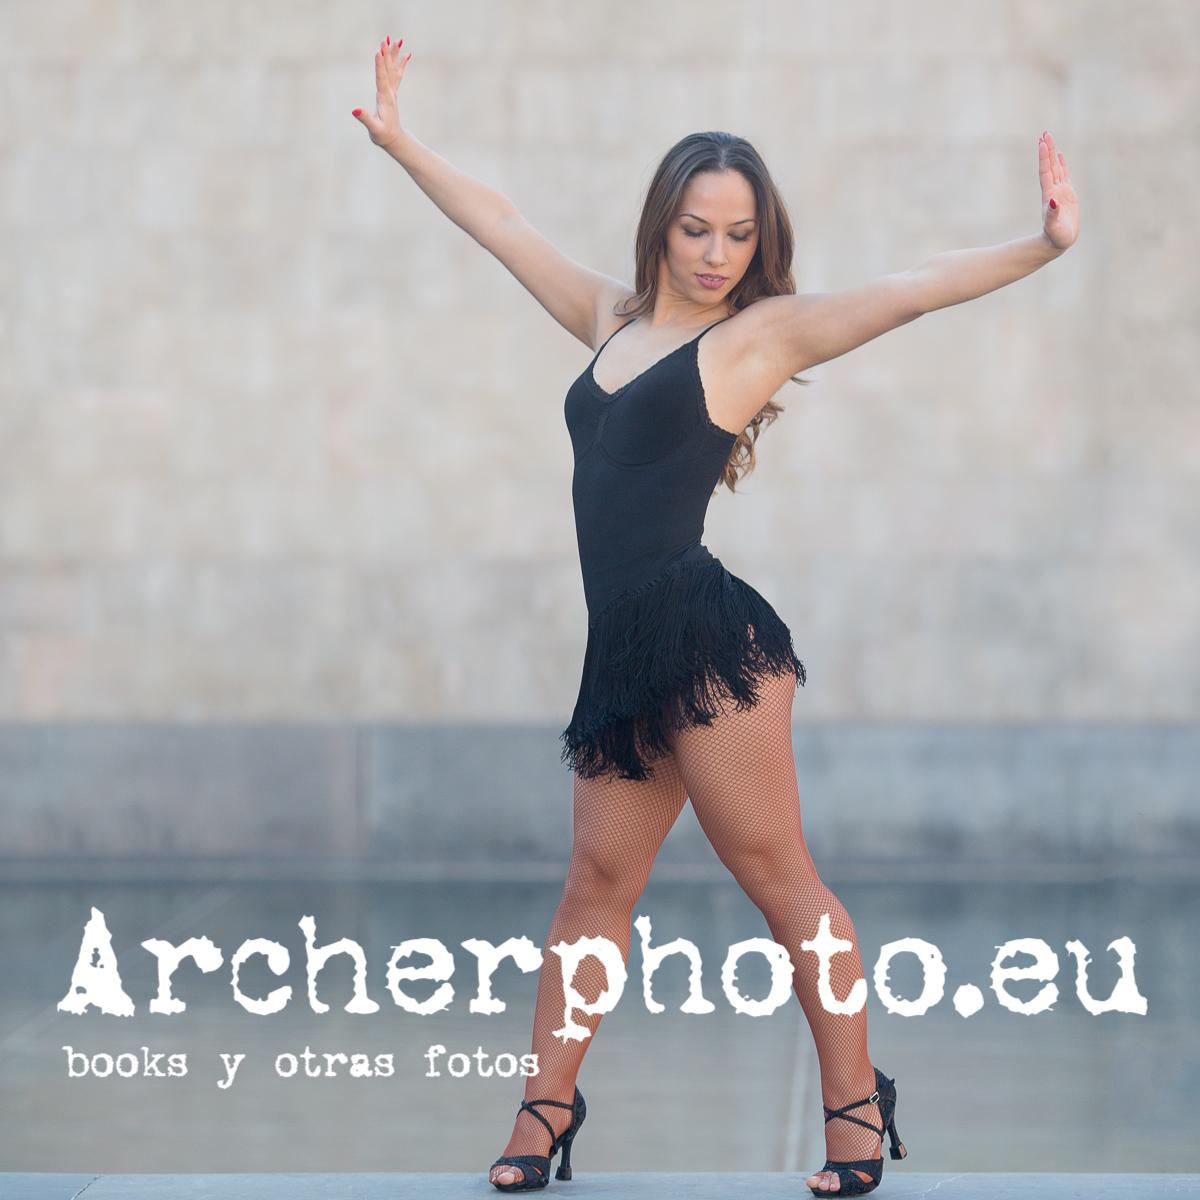 Andrea Vidaurre Dancing In The Street 9, fotografía bailarina por Archerphoto, fotógrafo profesional Valencia, Madrid, Alicante, Barcelona